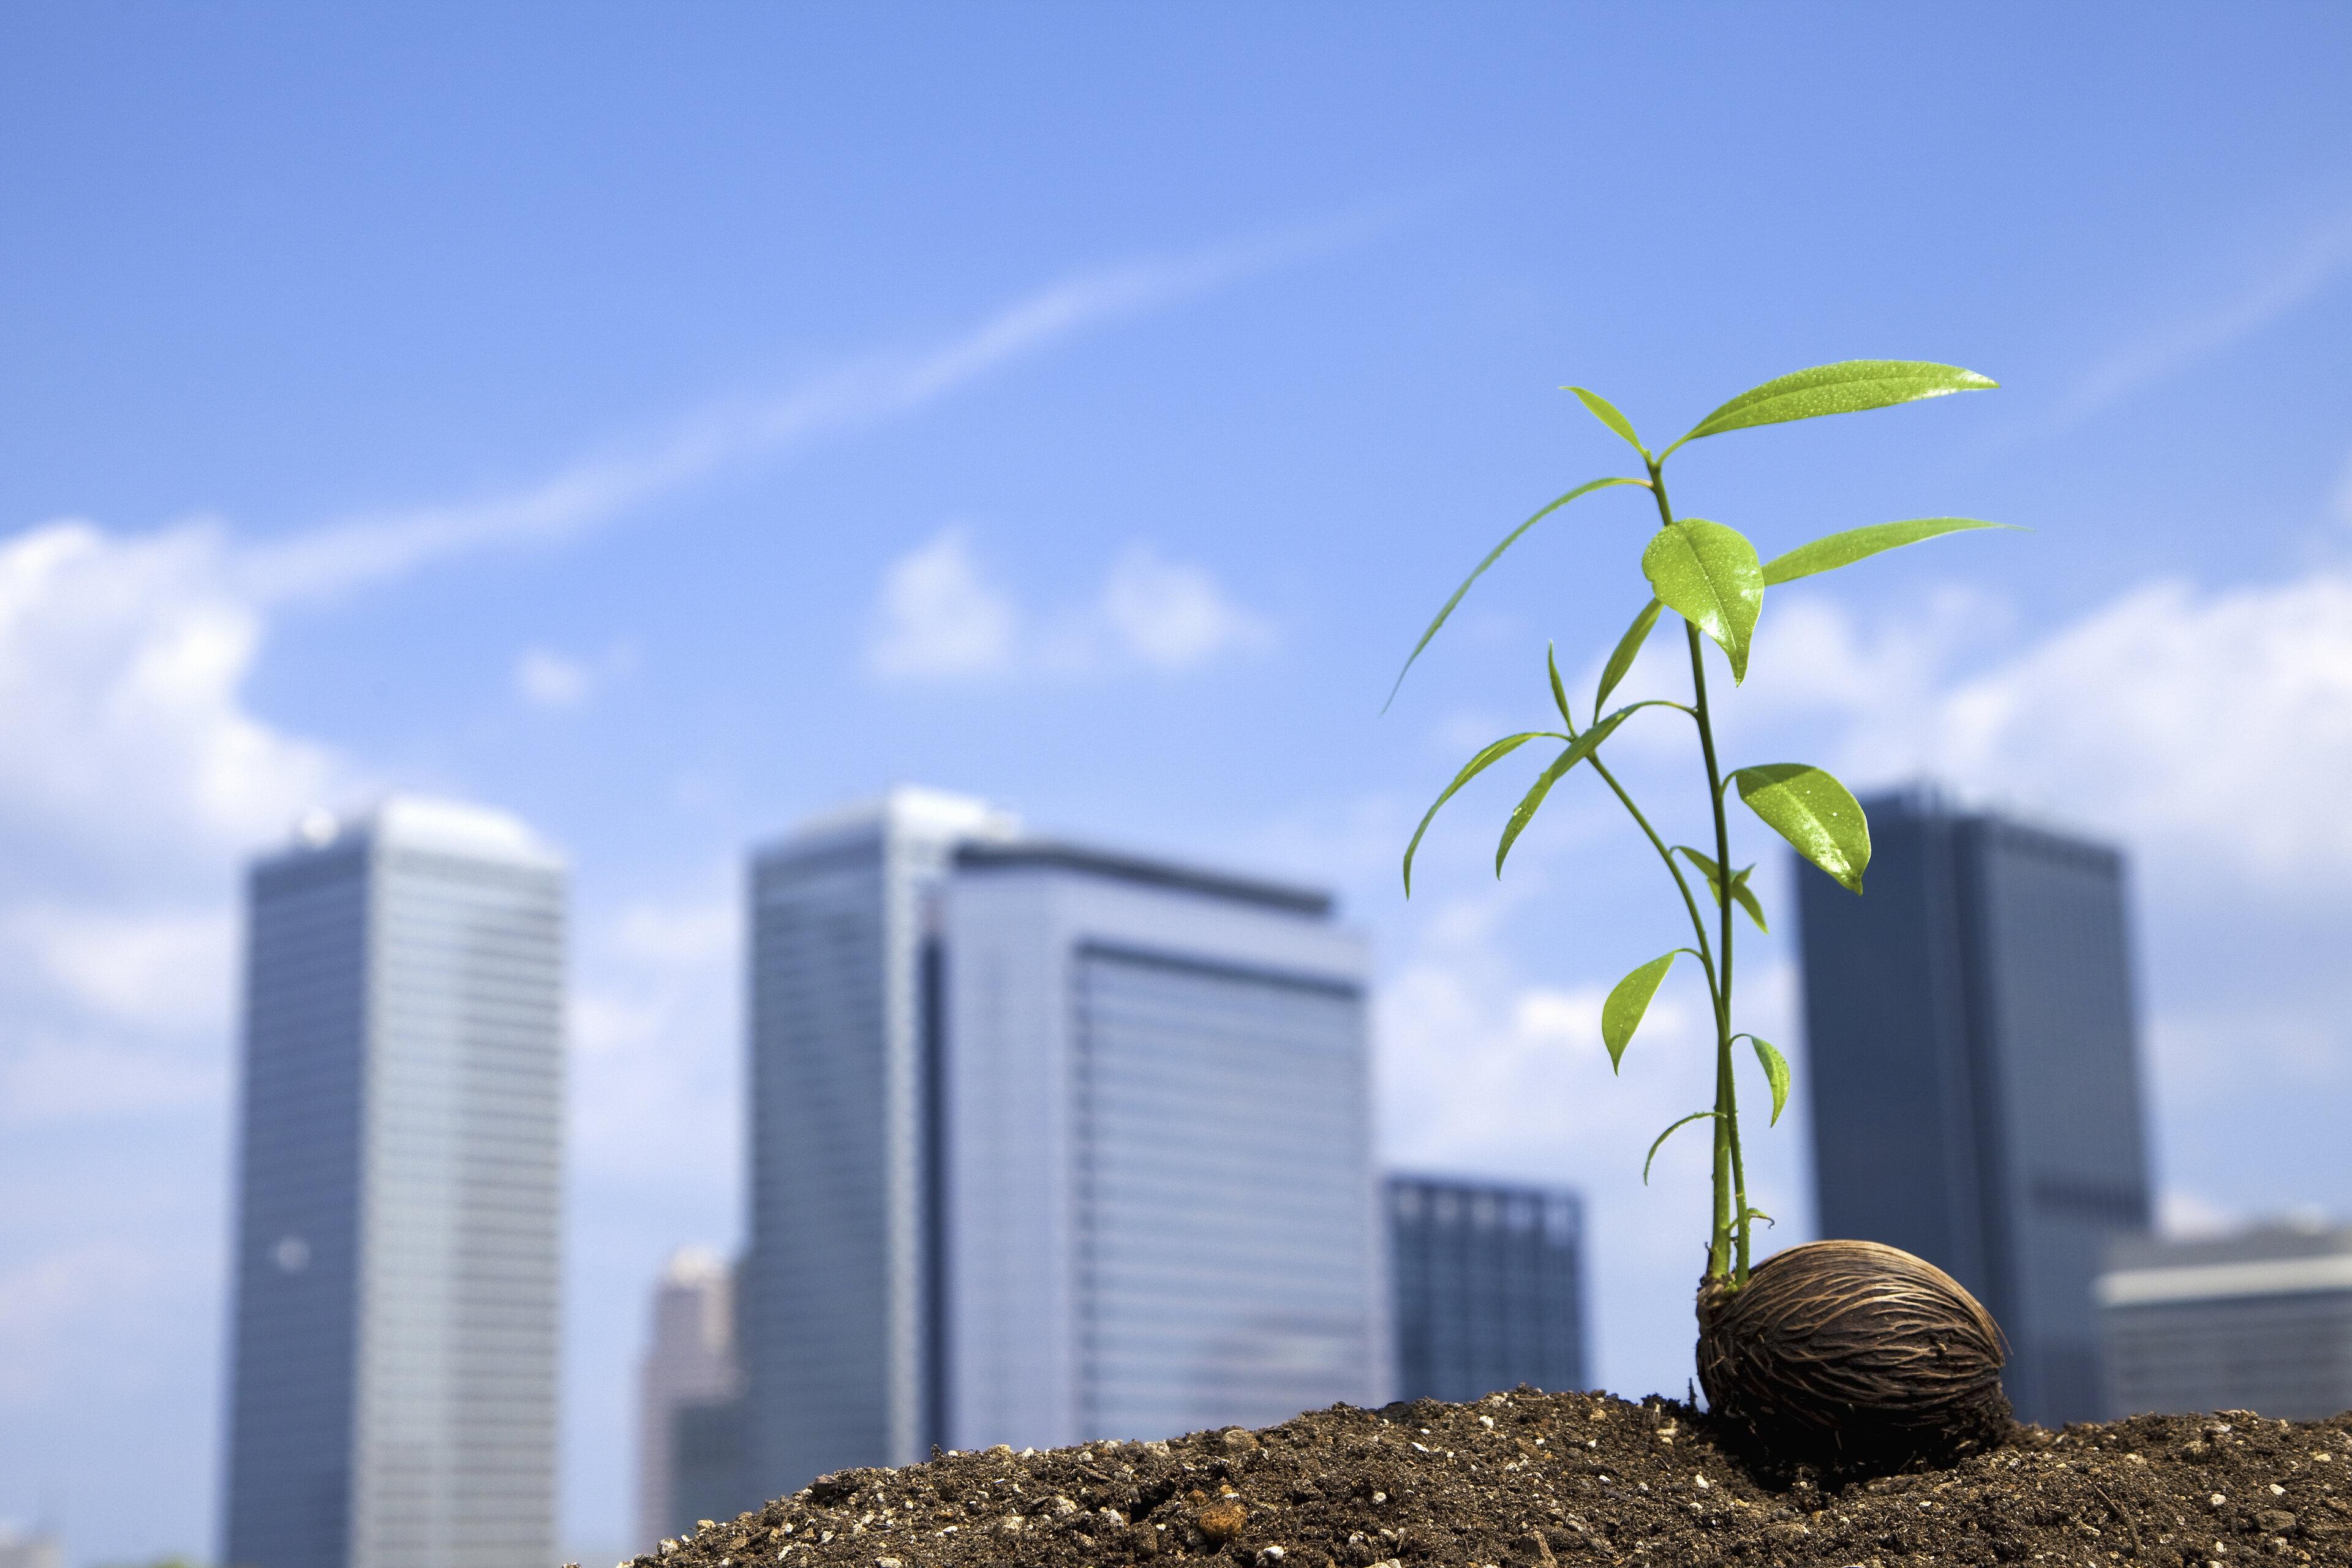 Услуги в области изменения климата и устойчивого развития